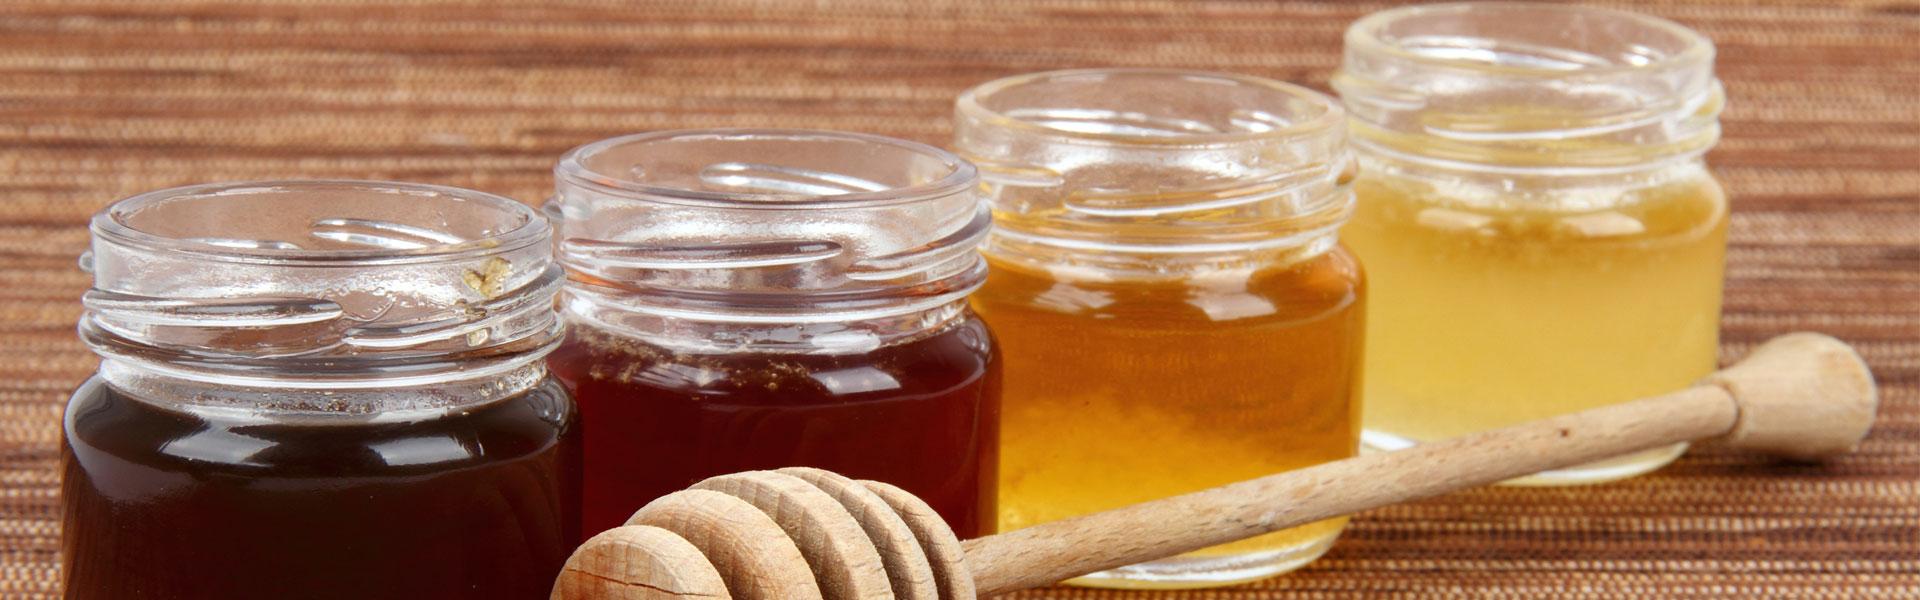 Мёд: созревание, хранение, характеристики и особенности сортов